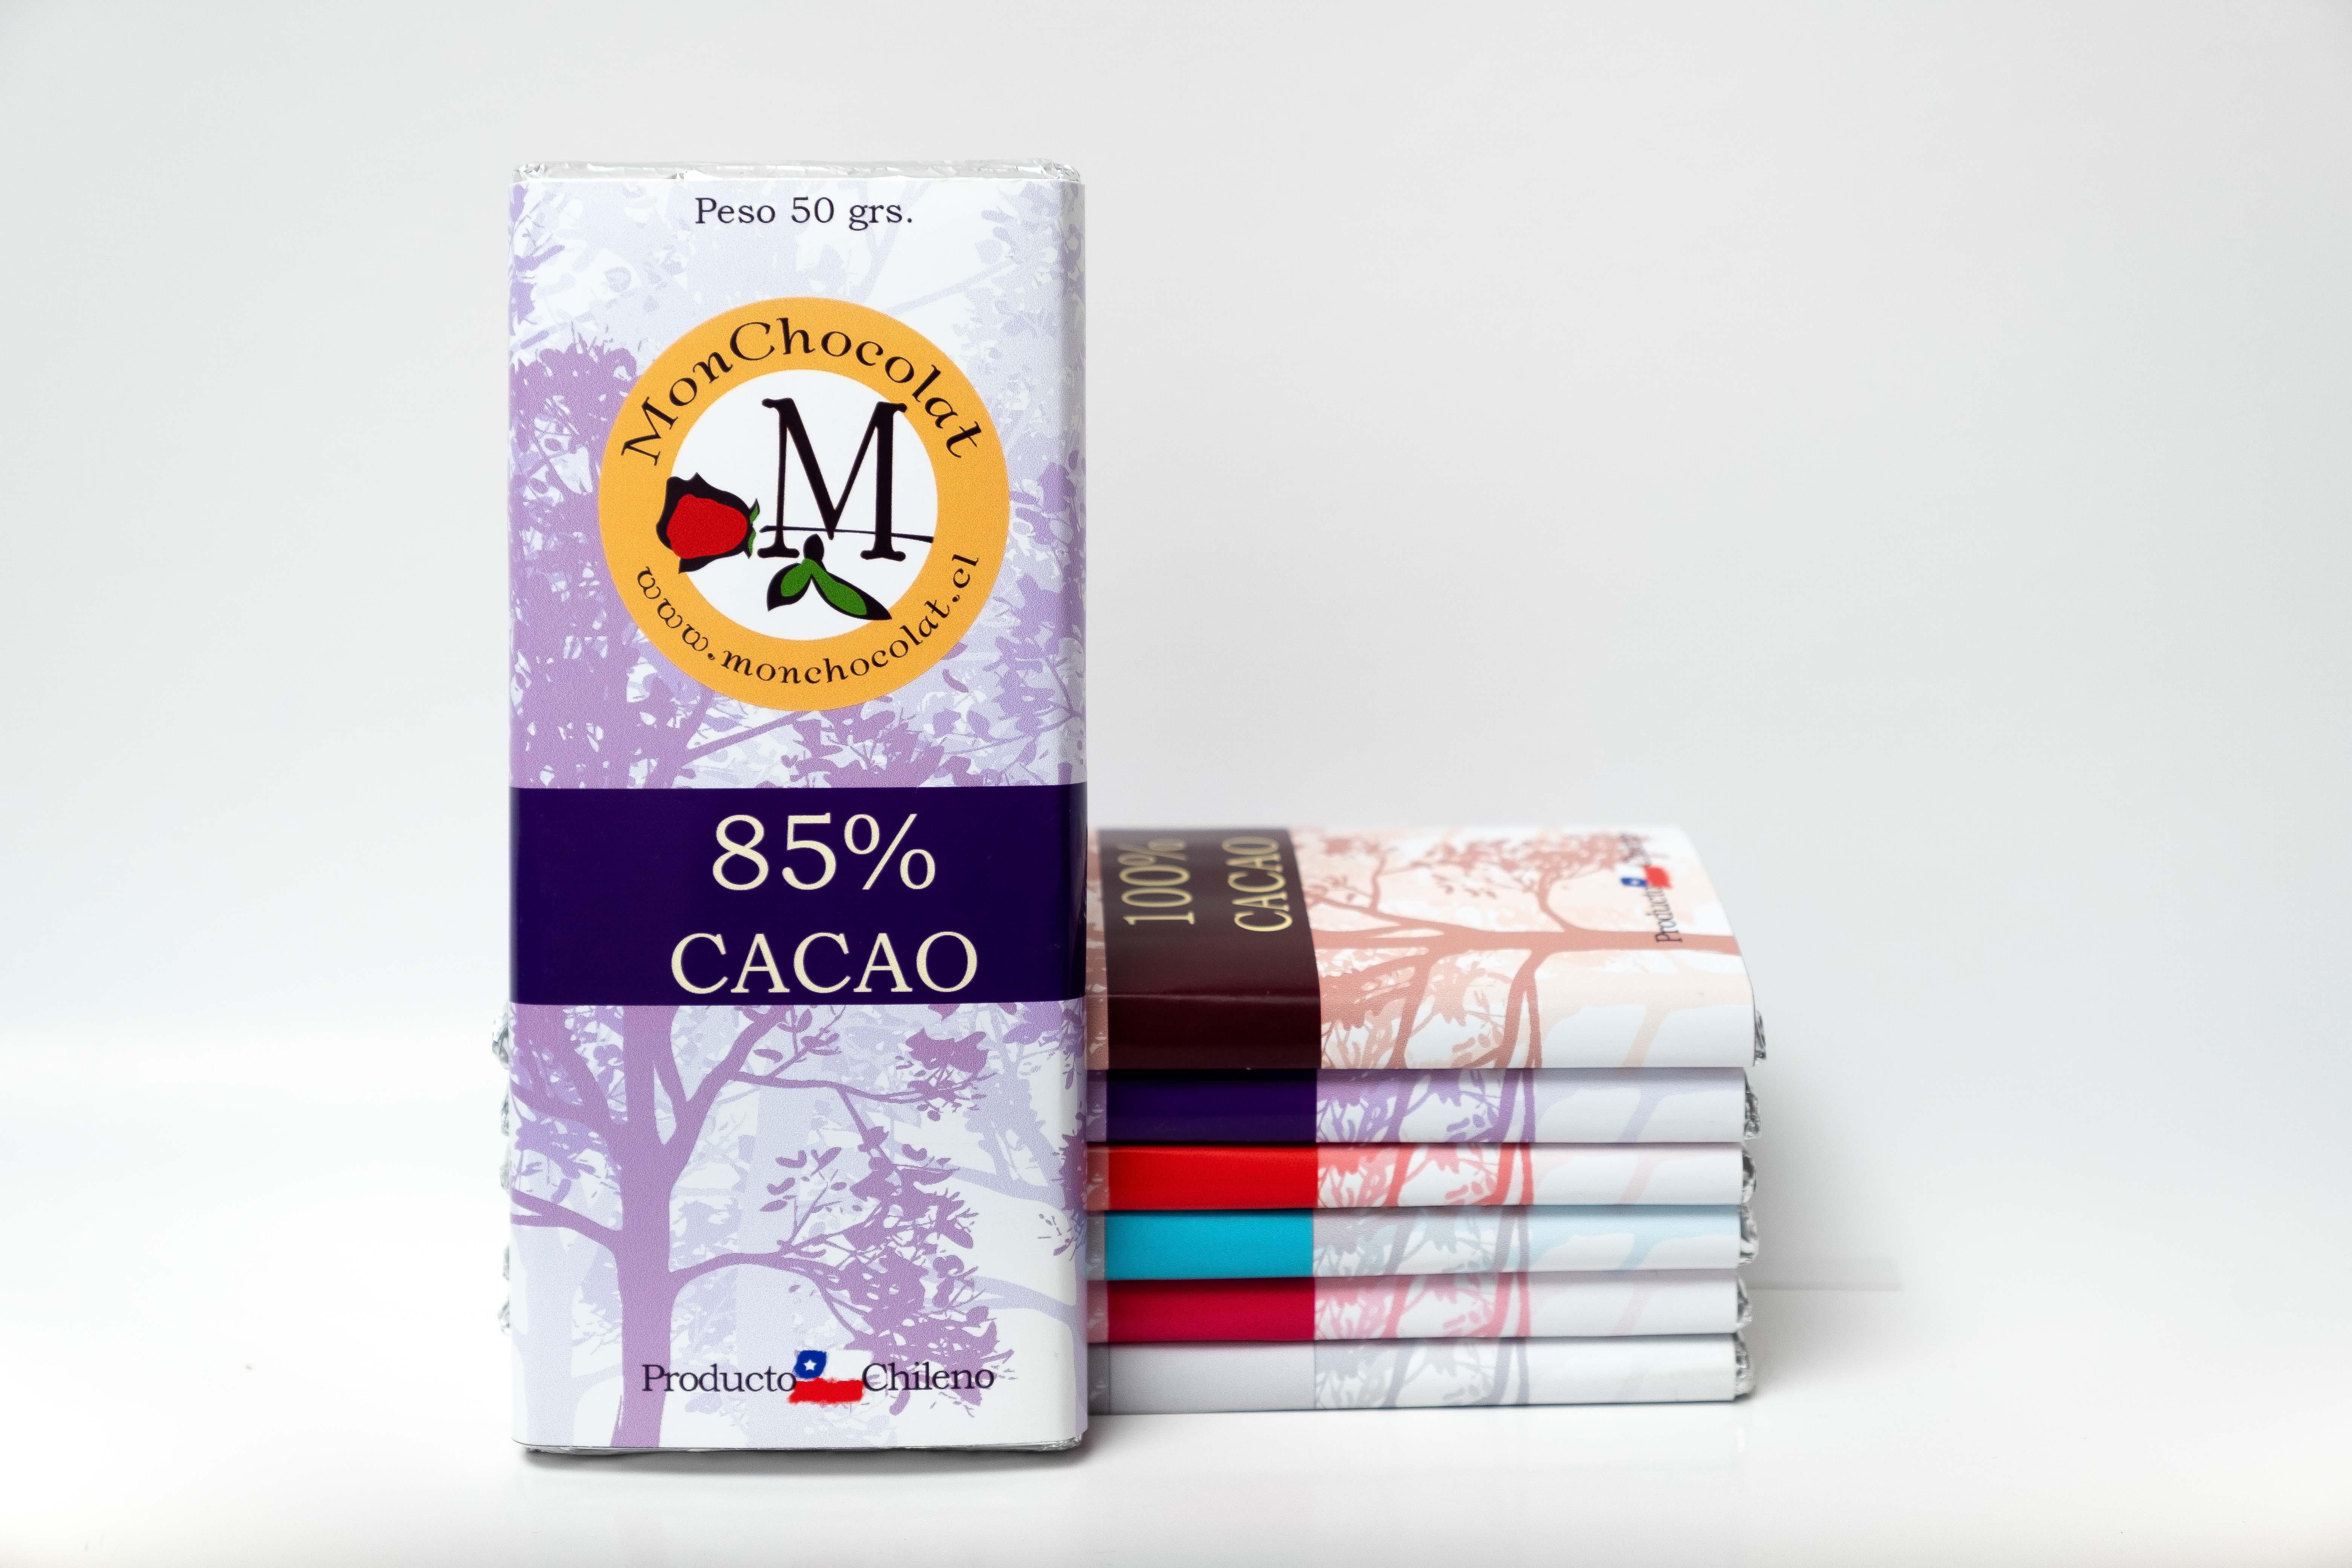 Barra Premium 85% Cacao